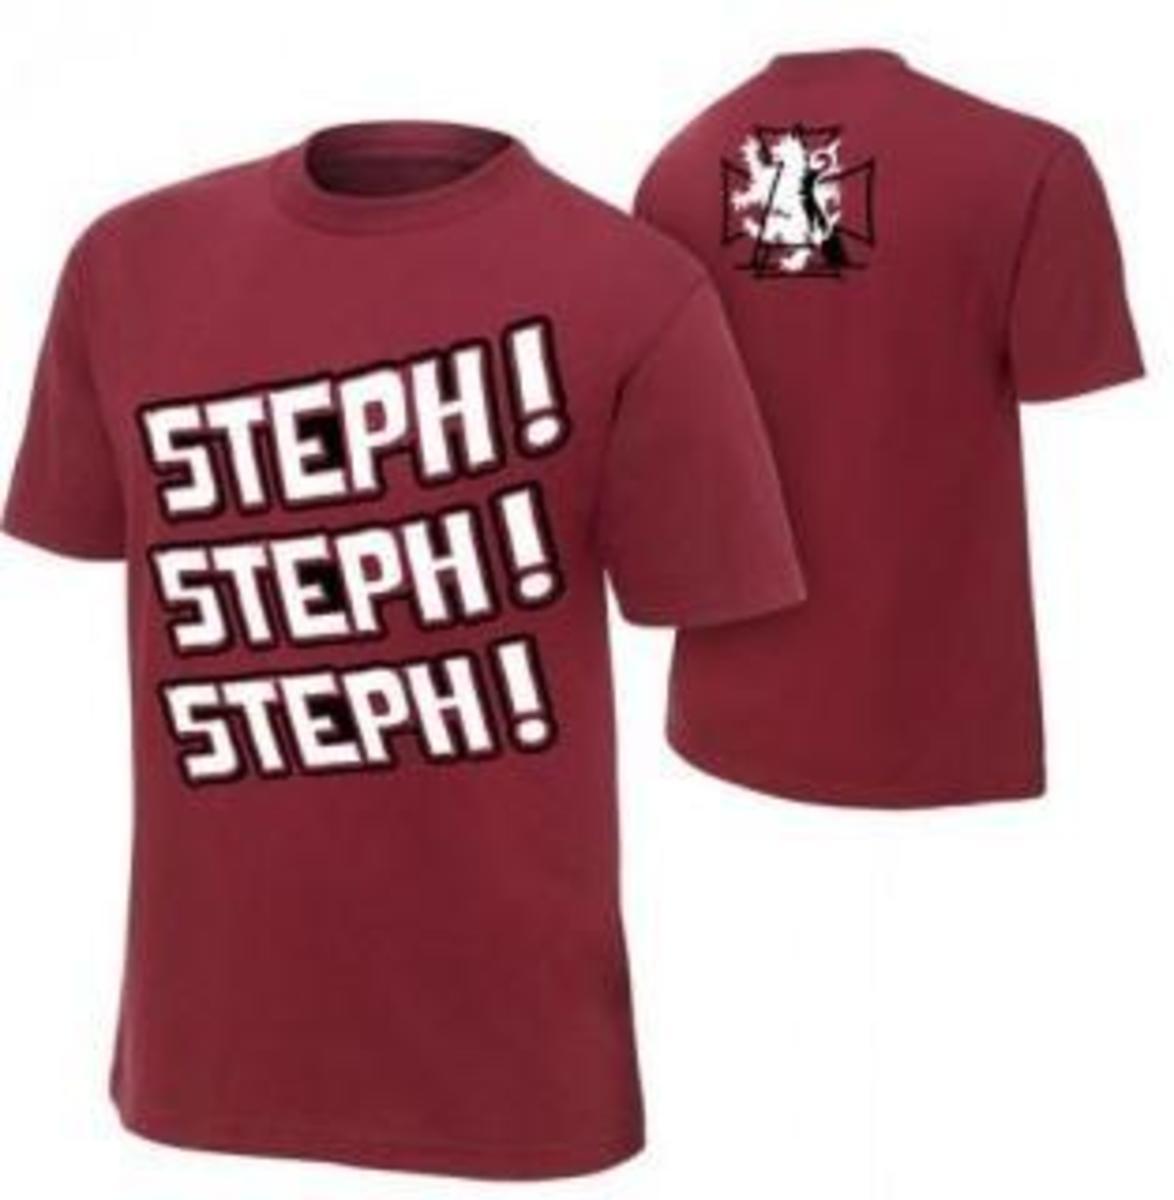 Steph!  Steph!  Steph!